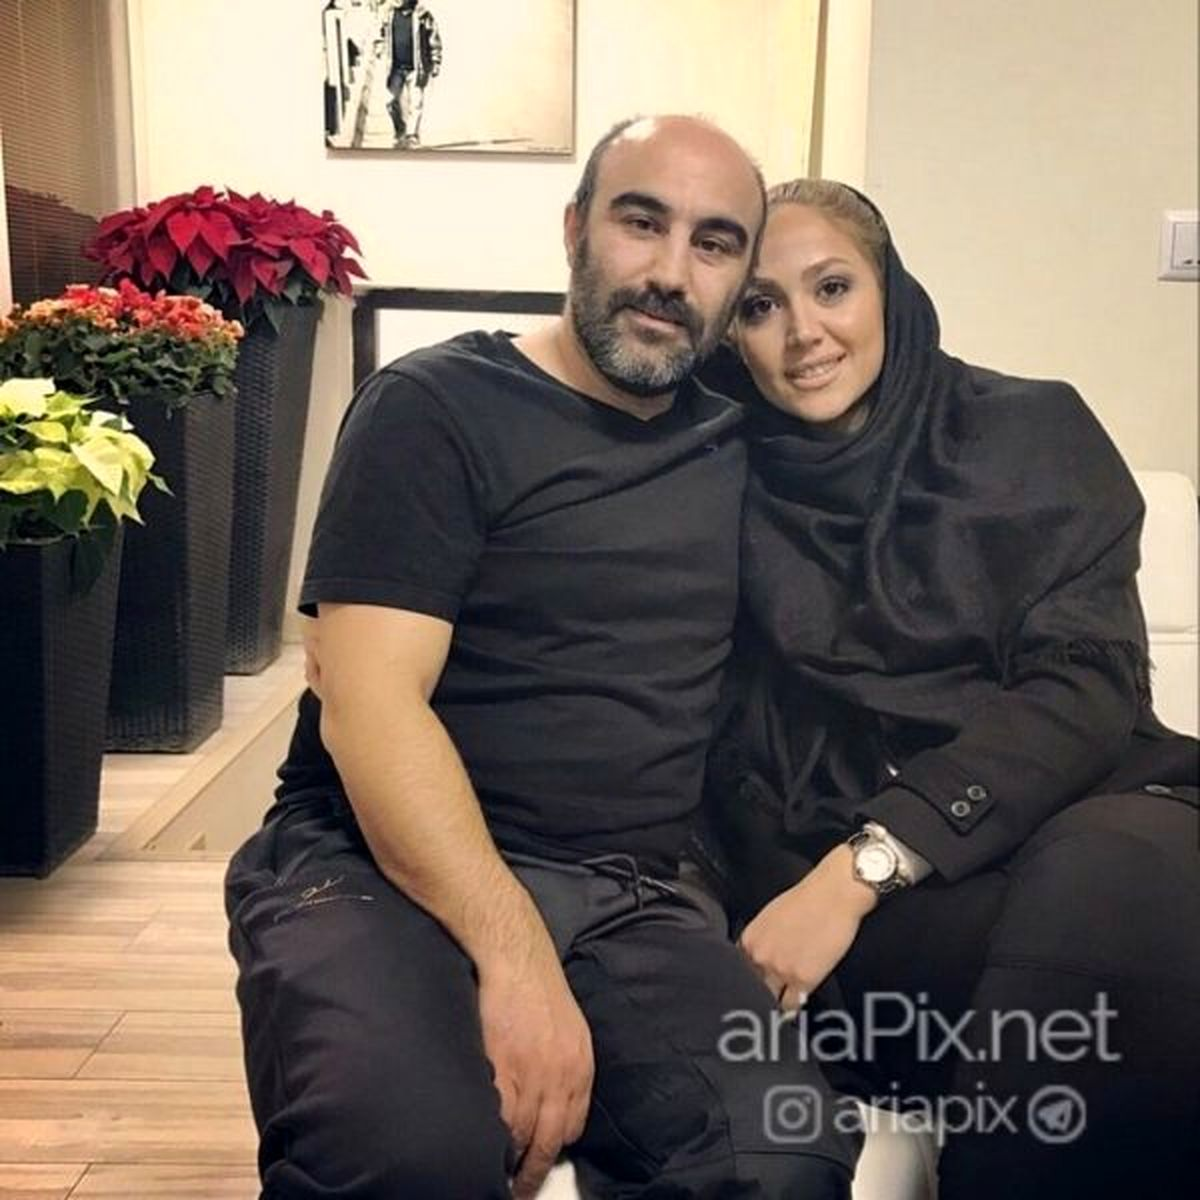 عکس های همسران جوان بازیگران سریال پایتخت + تصاویر عاشقانه